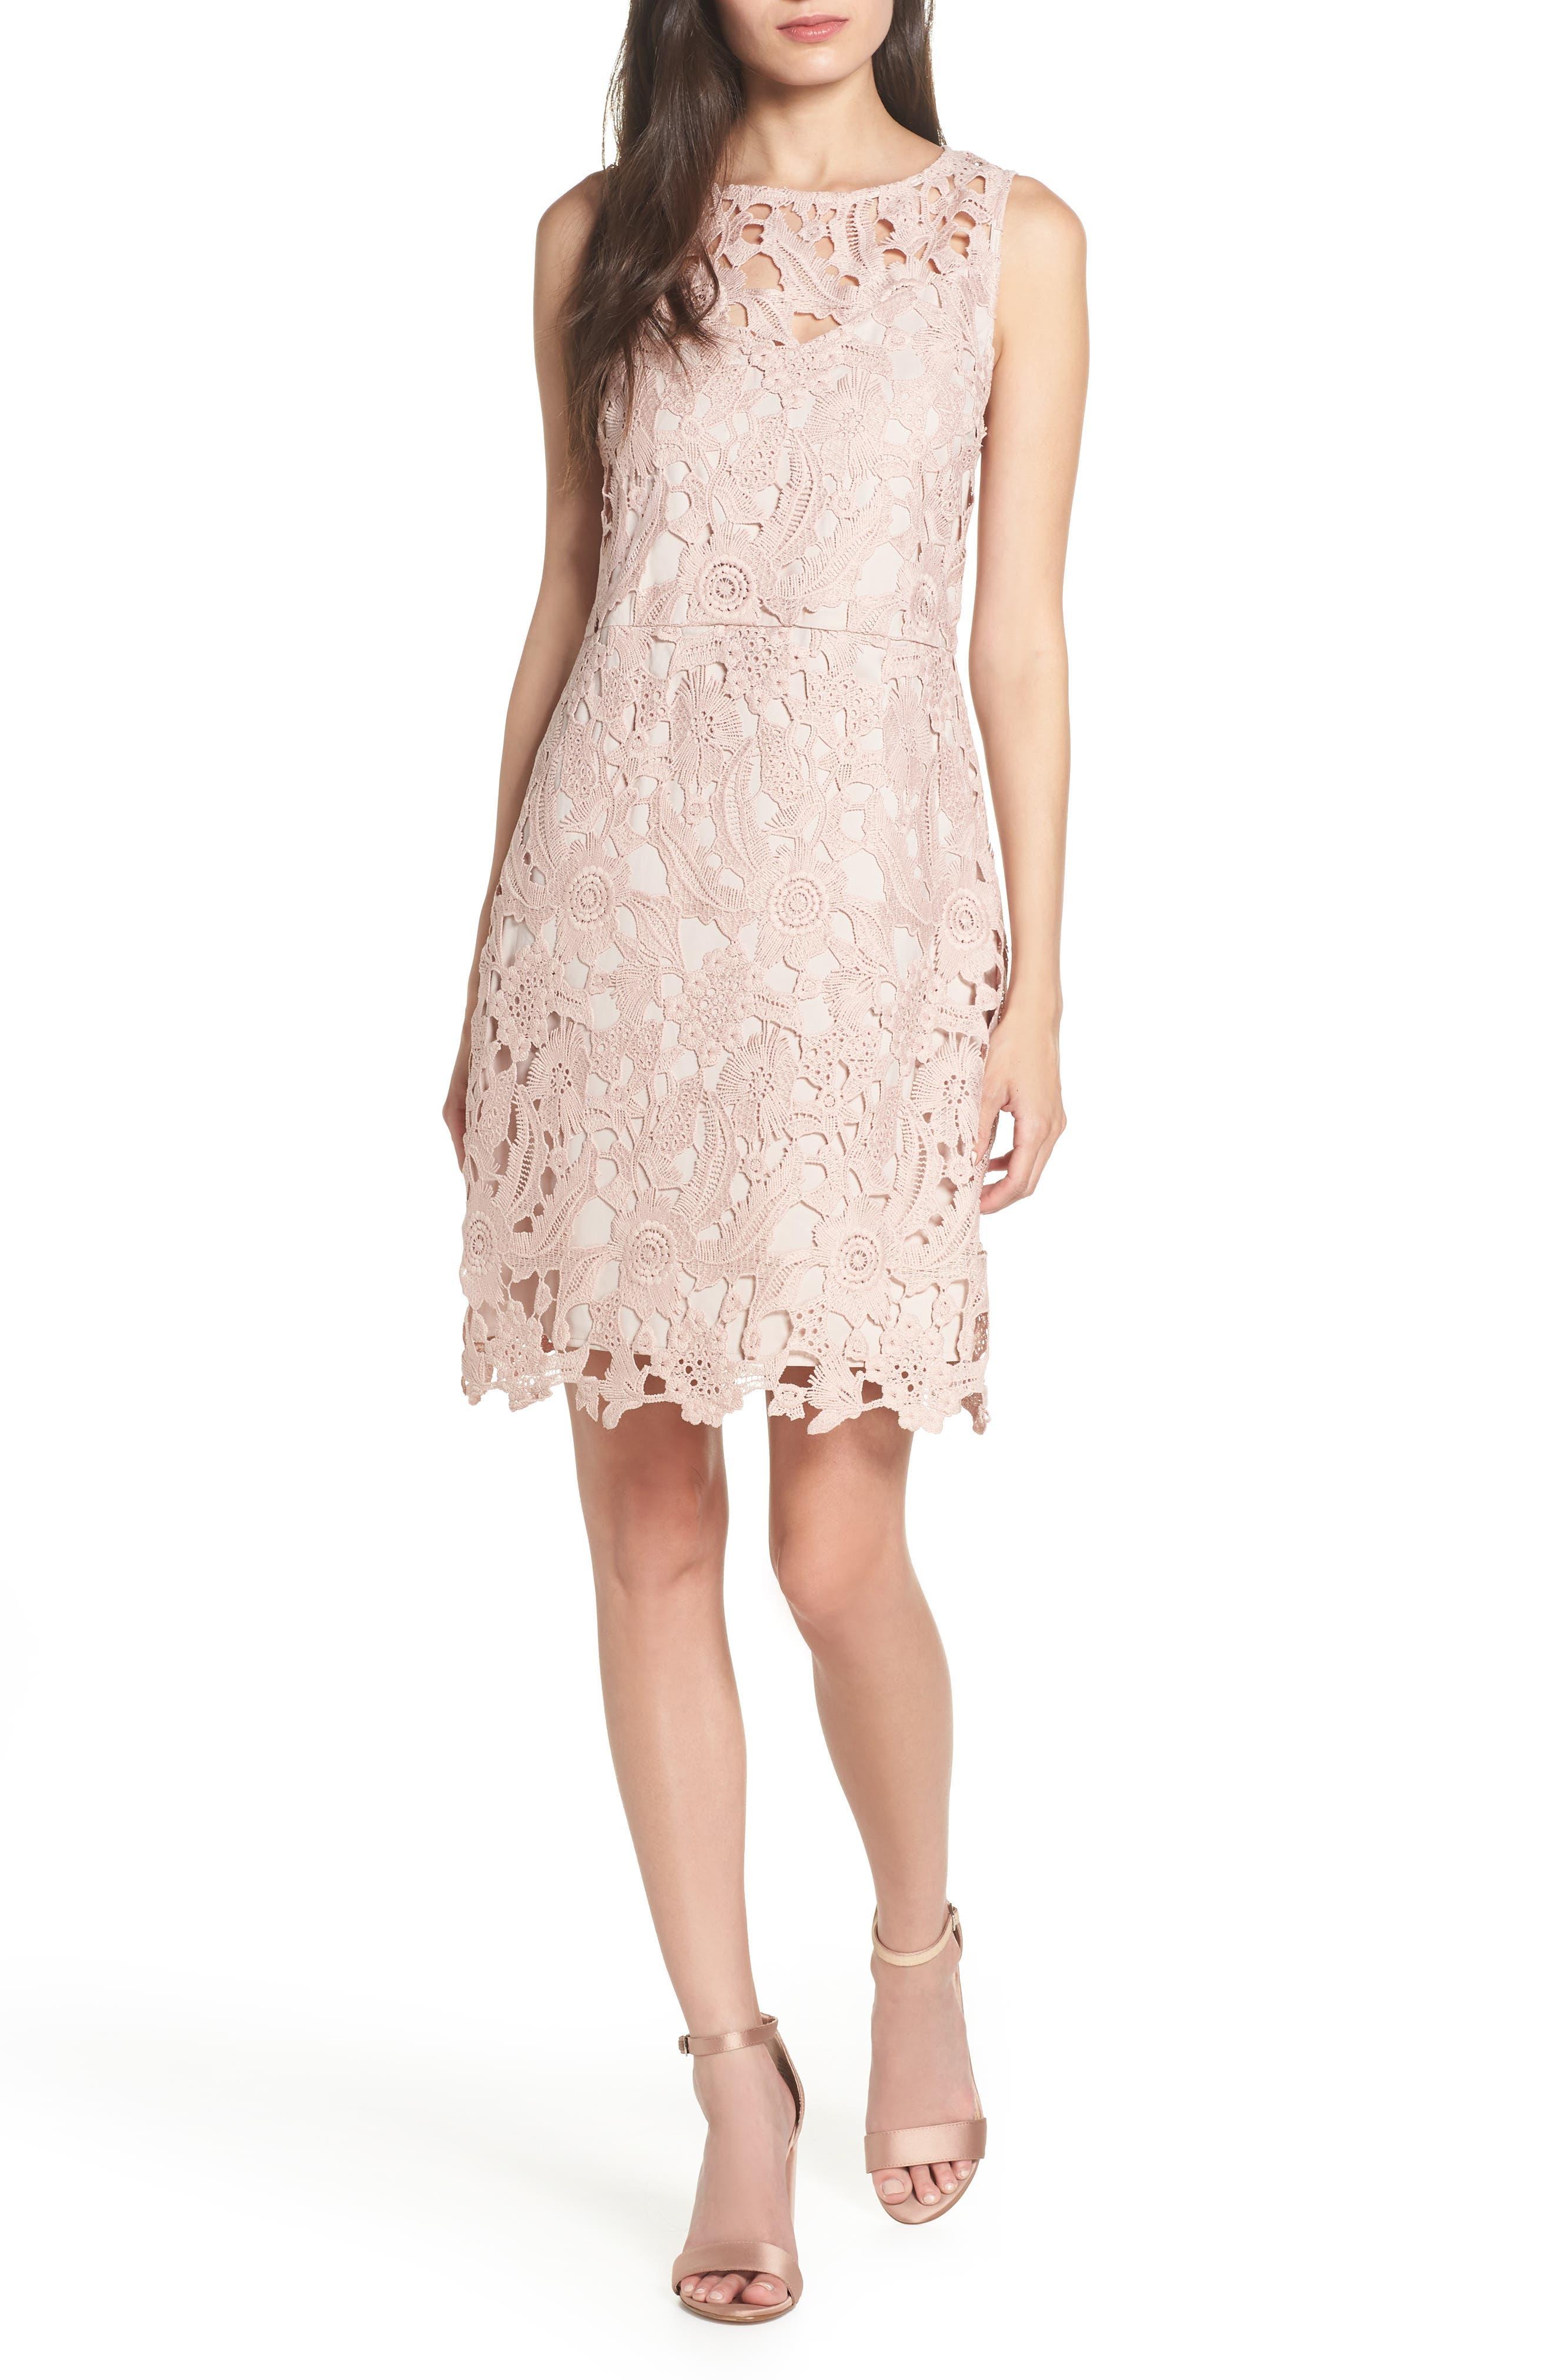 Blush Sheath Dress